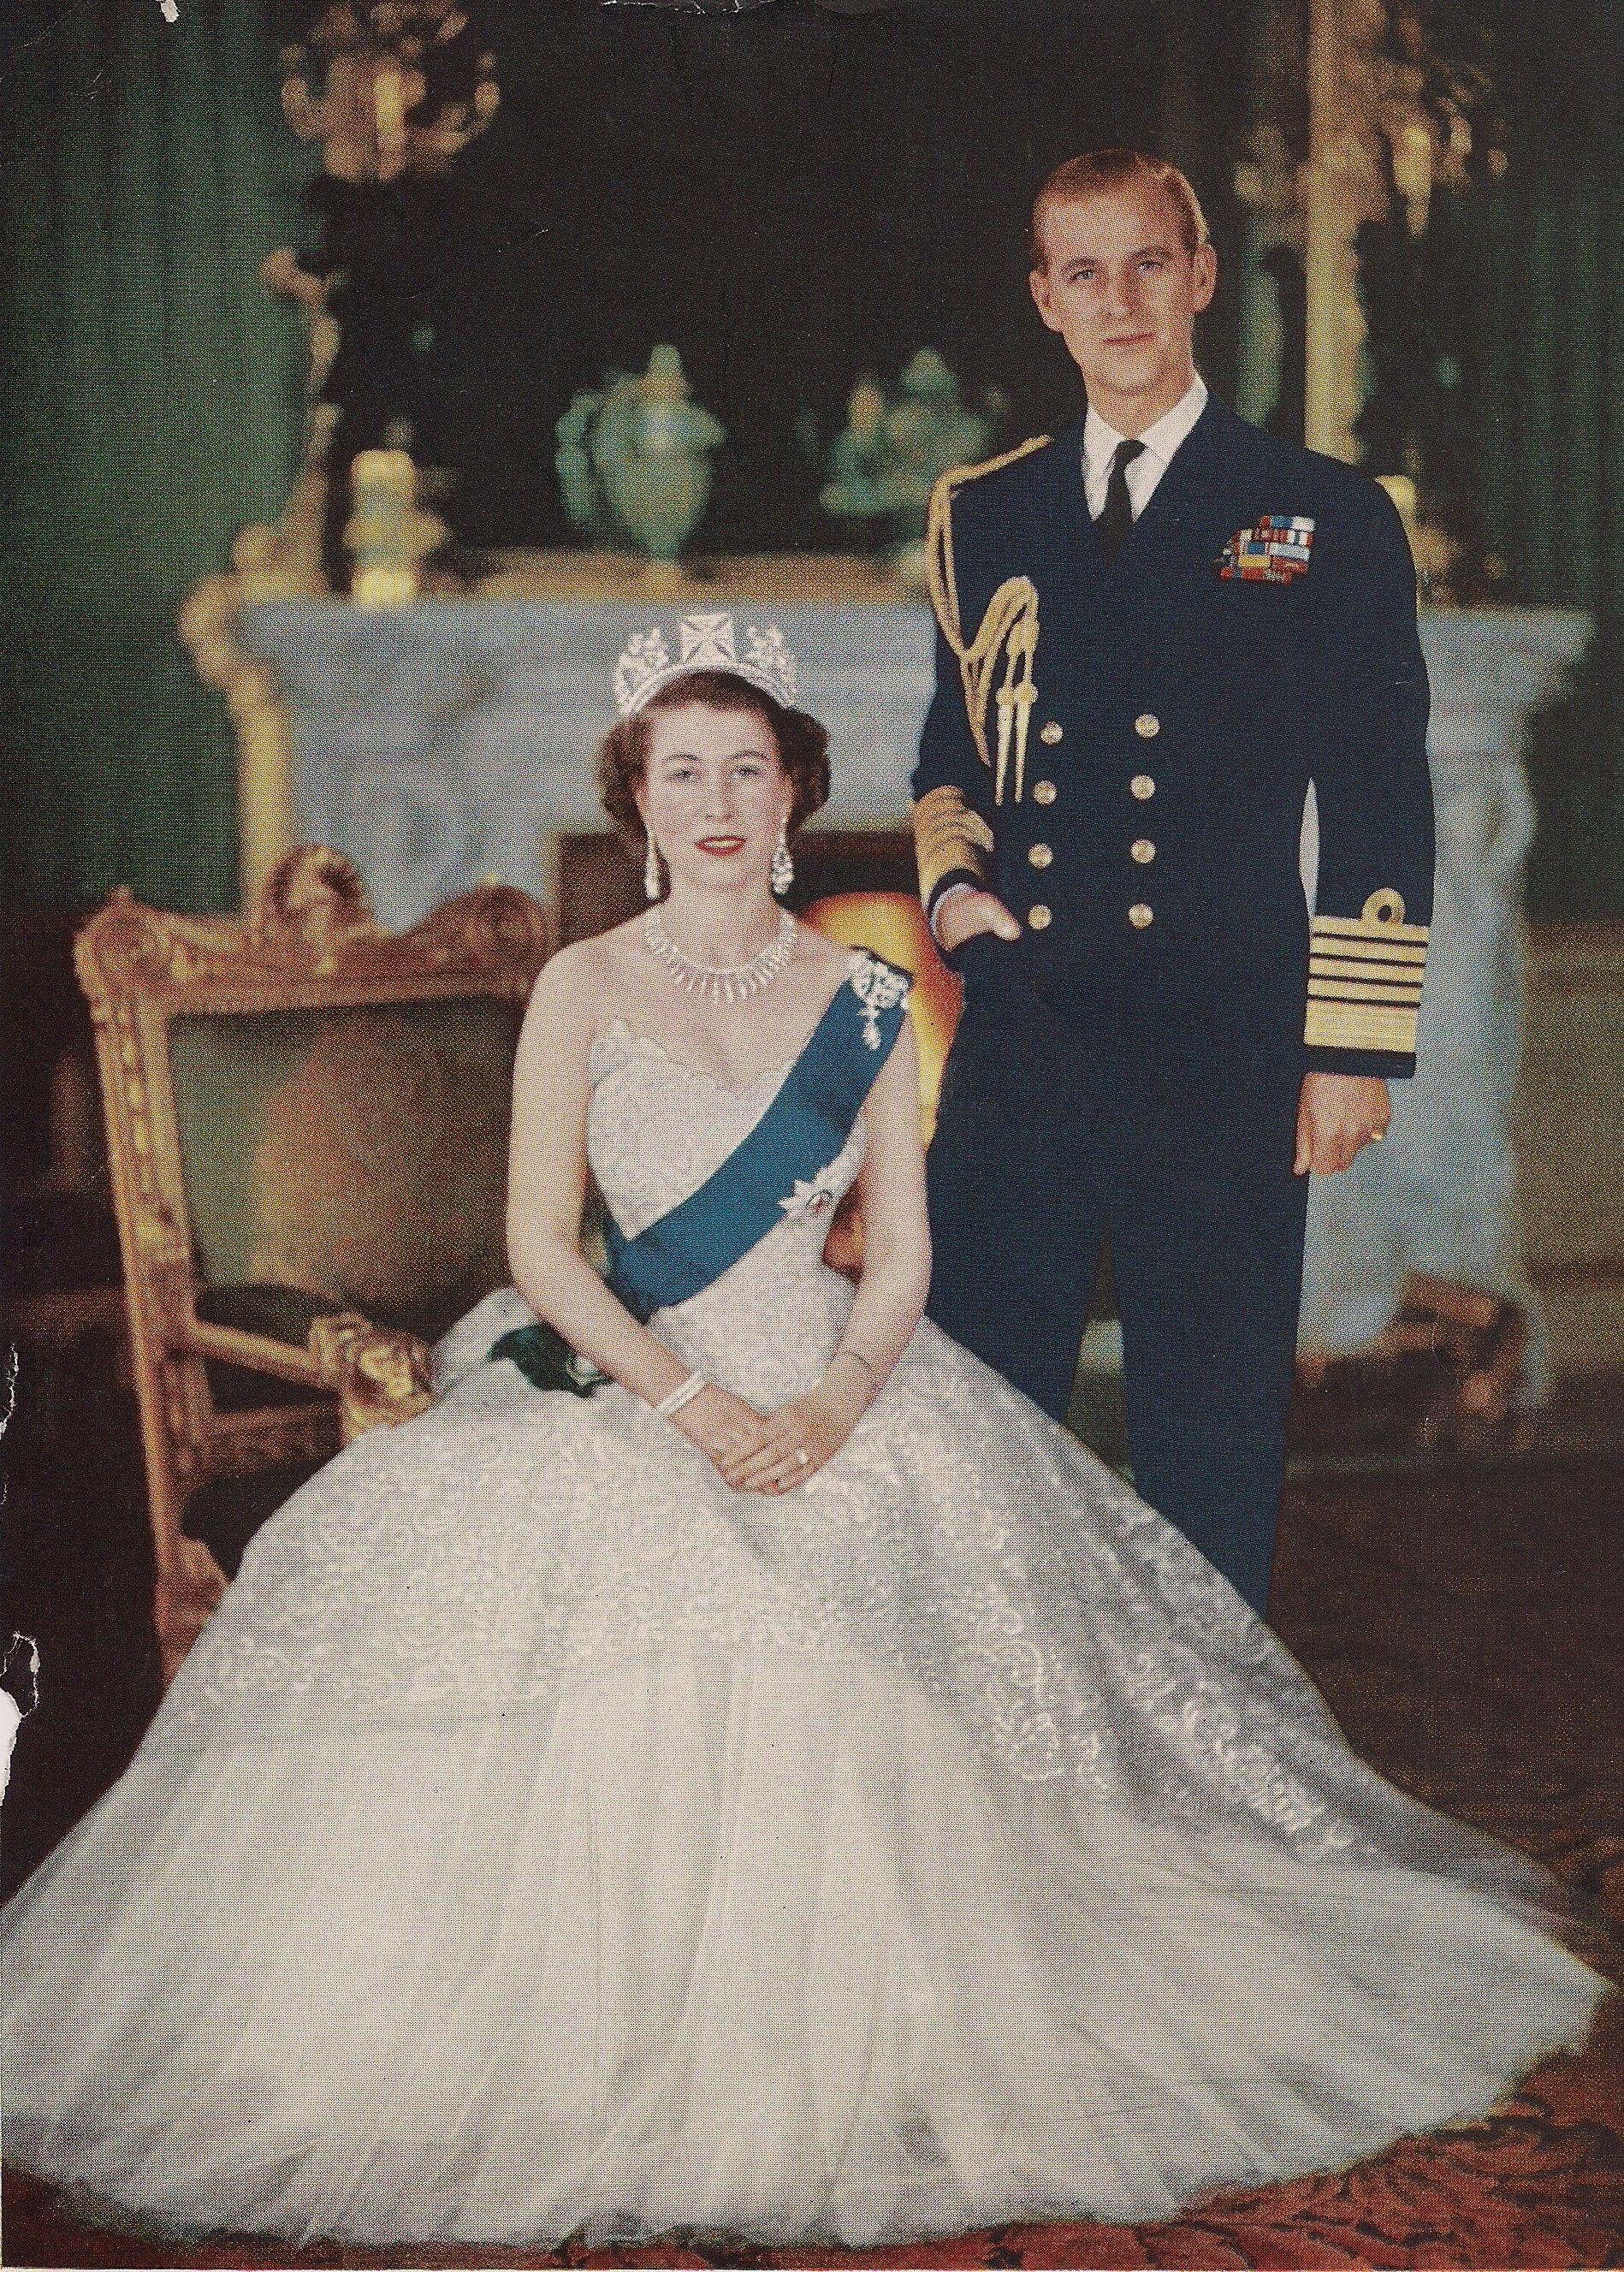 Queen Elizabeth II coronation portrait. When I was a